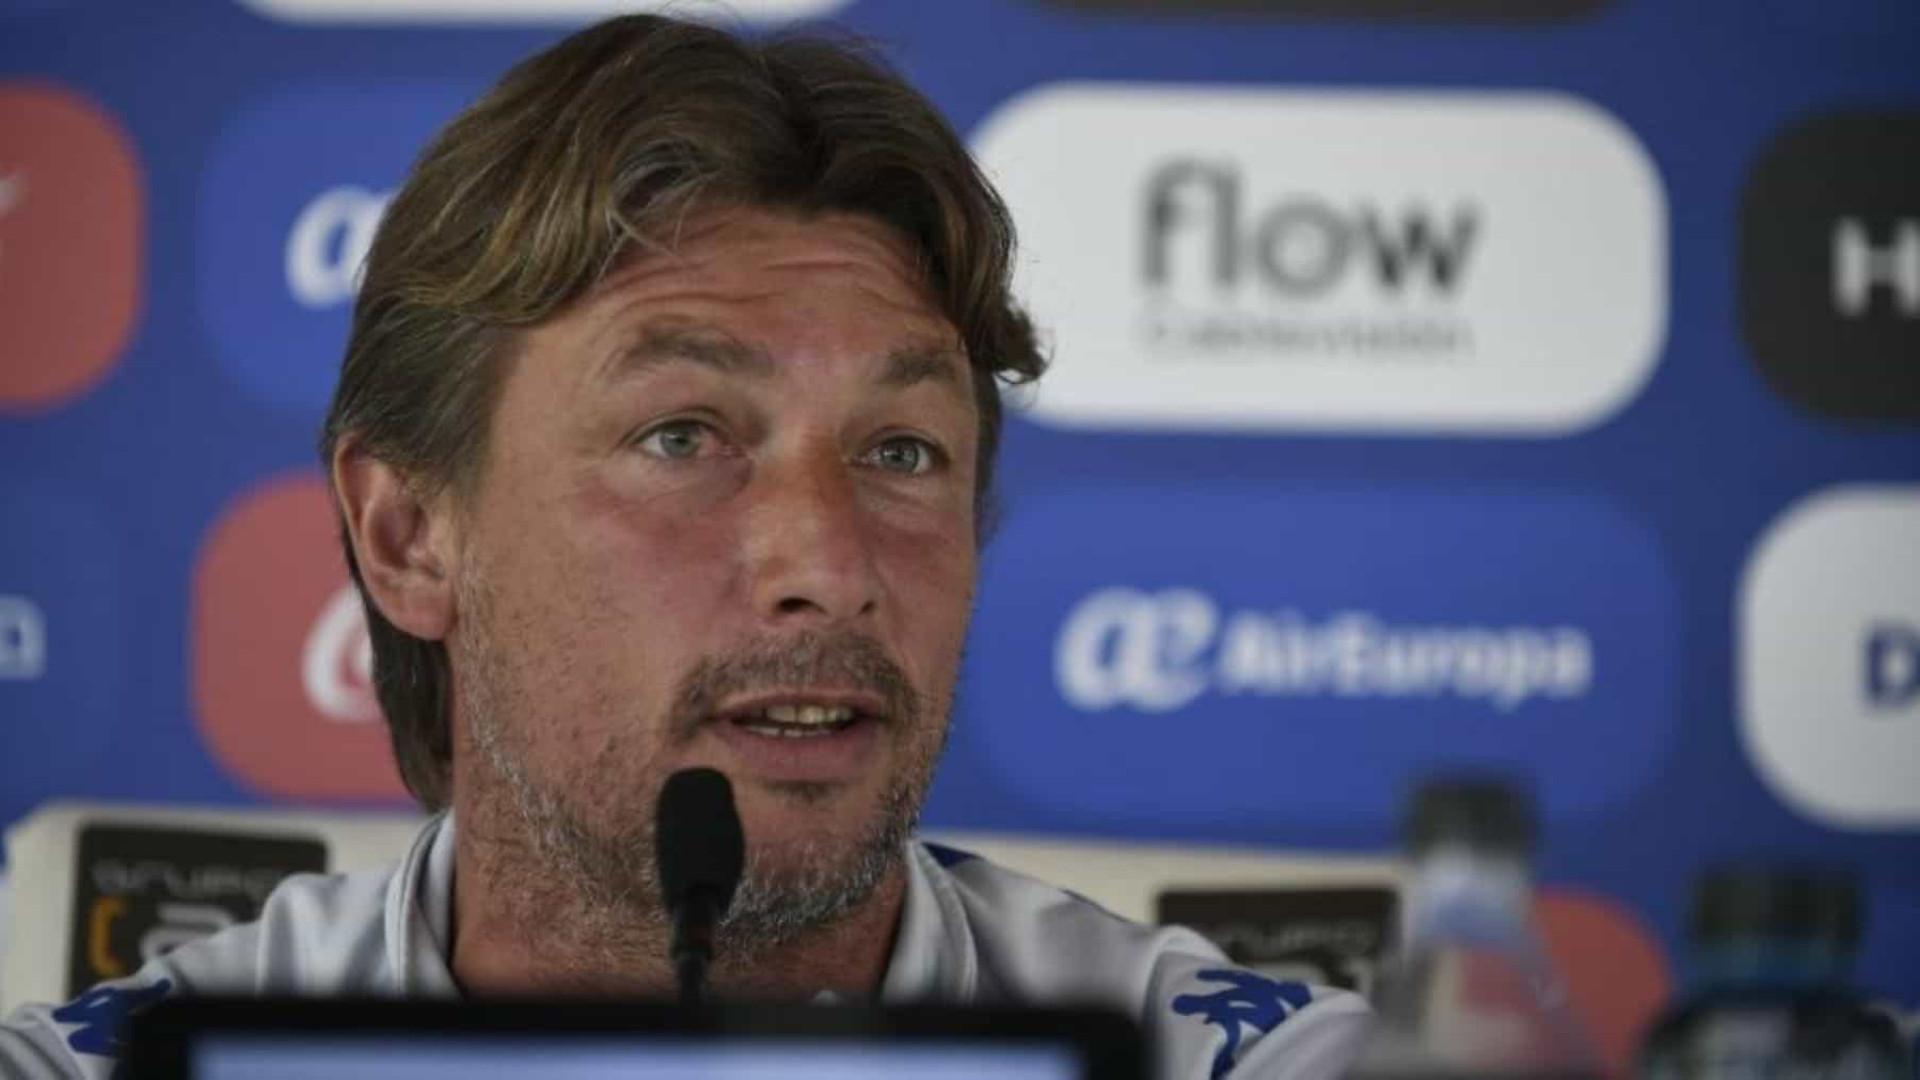 Após 3 propostas recusadas, Palmeiras negocia com o técnico Gabriel Heinze